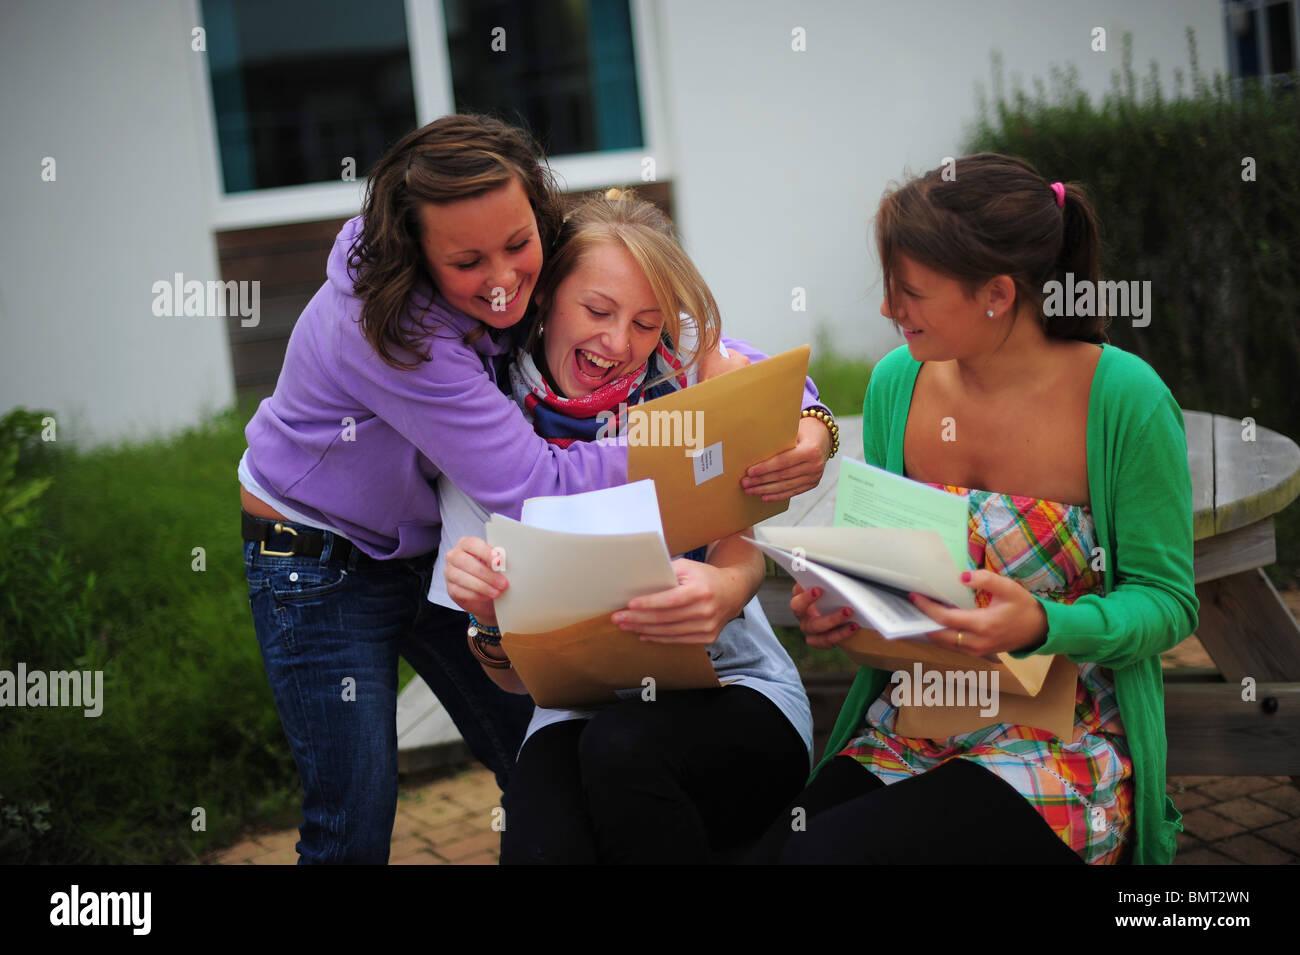 drei Mädchen der Schule-Schüler saßen öffnen ihre GCSE-Prüfungsergebnisse in Treviglas Stockbild